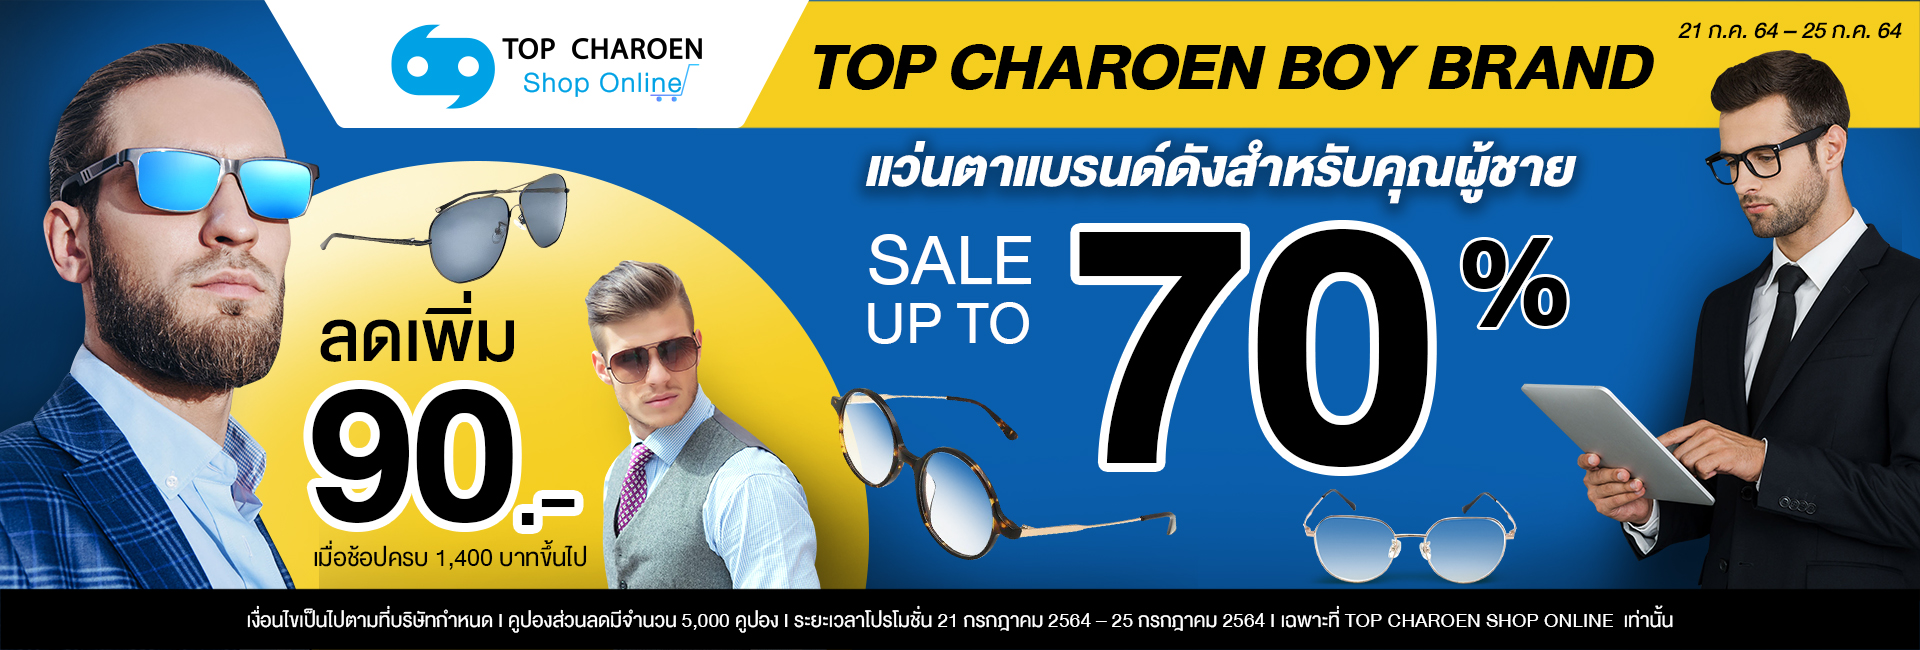 Top Charoen Boy Brand